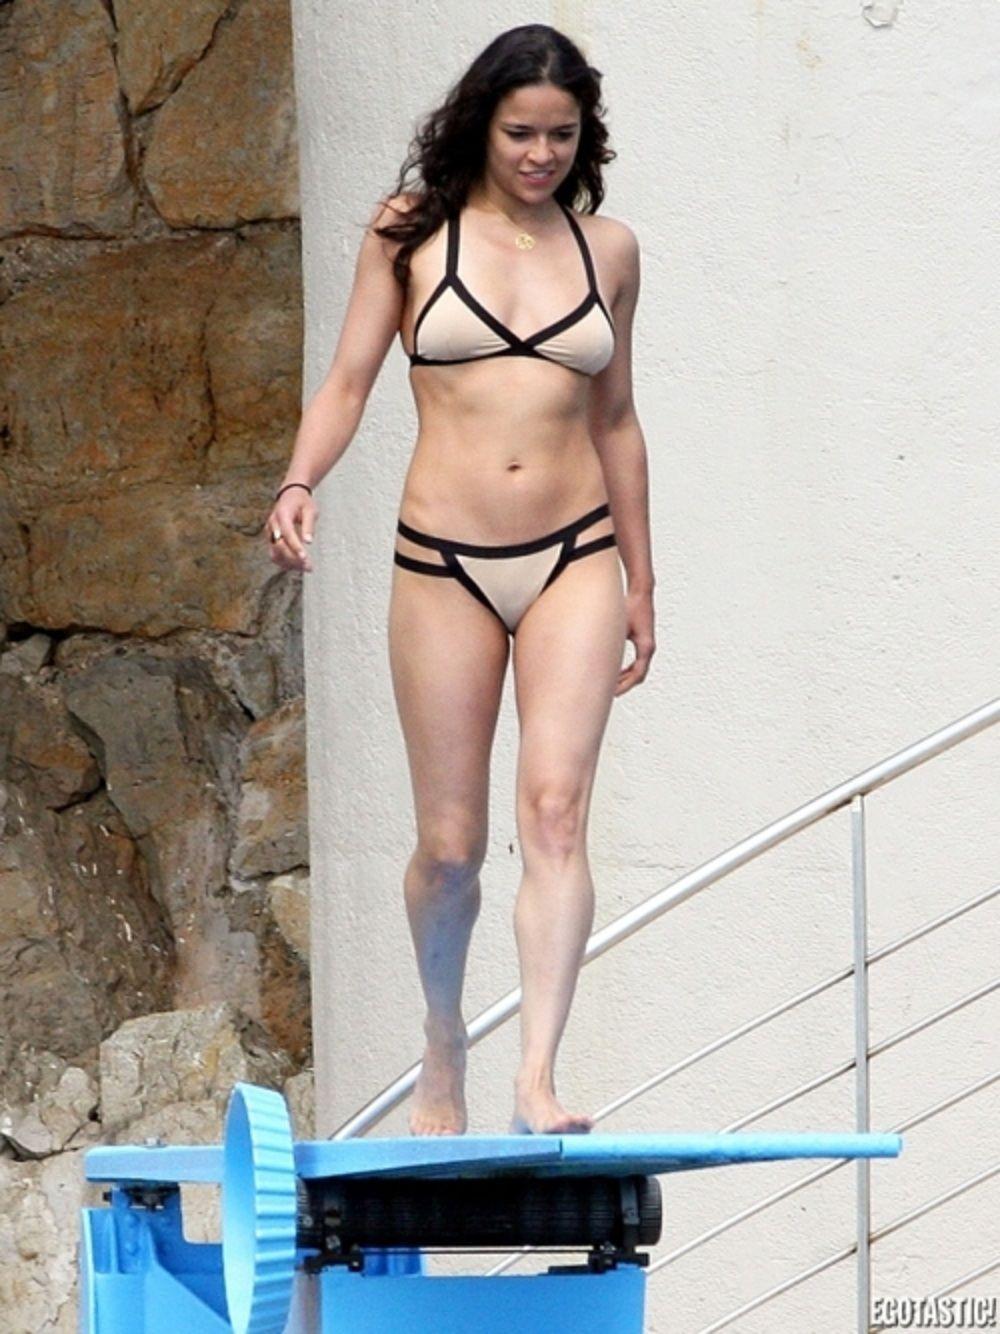 Michelle Rodriguez bikini - Google Search